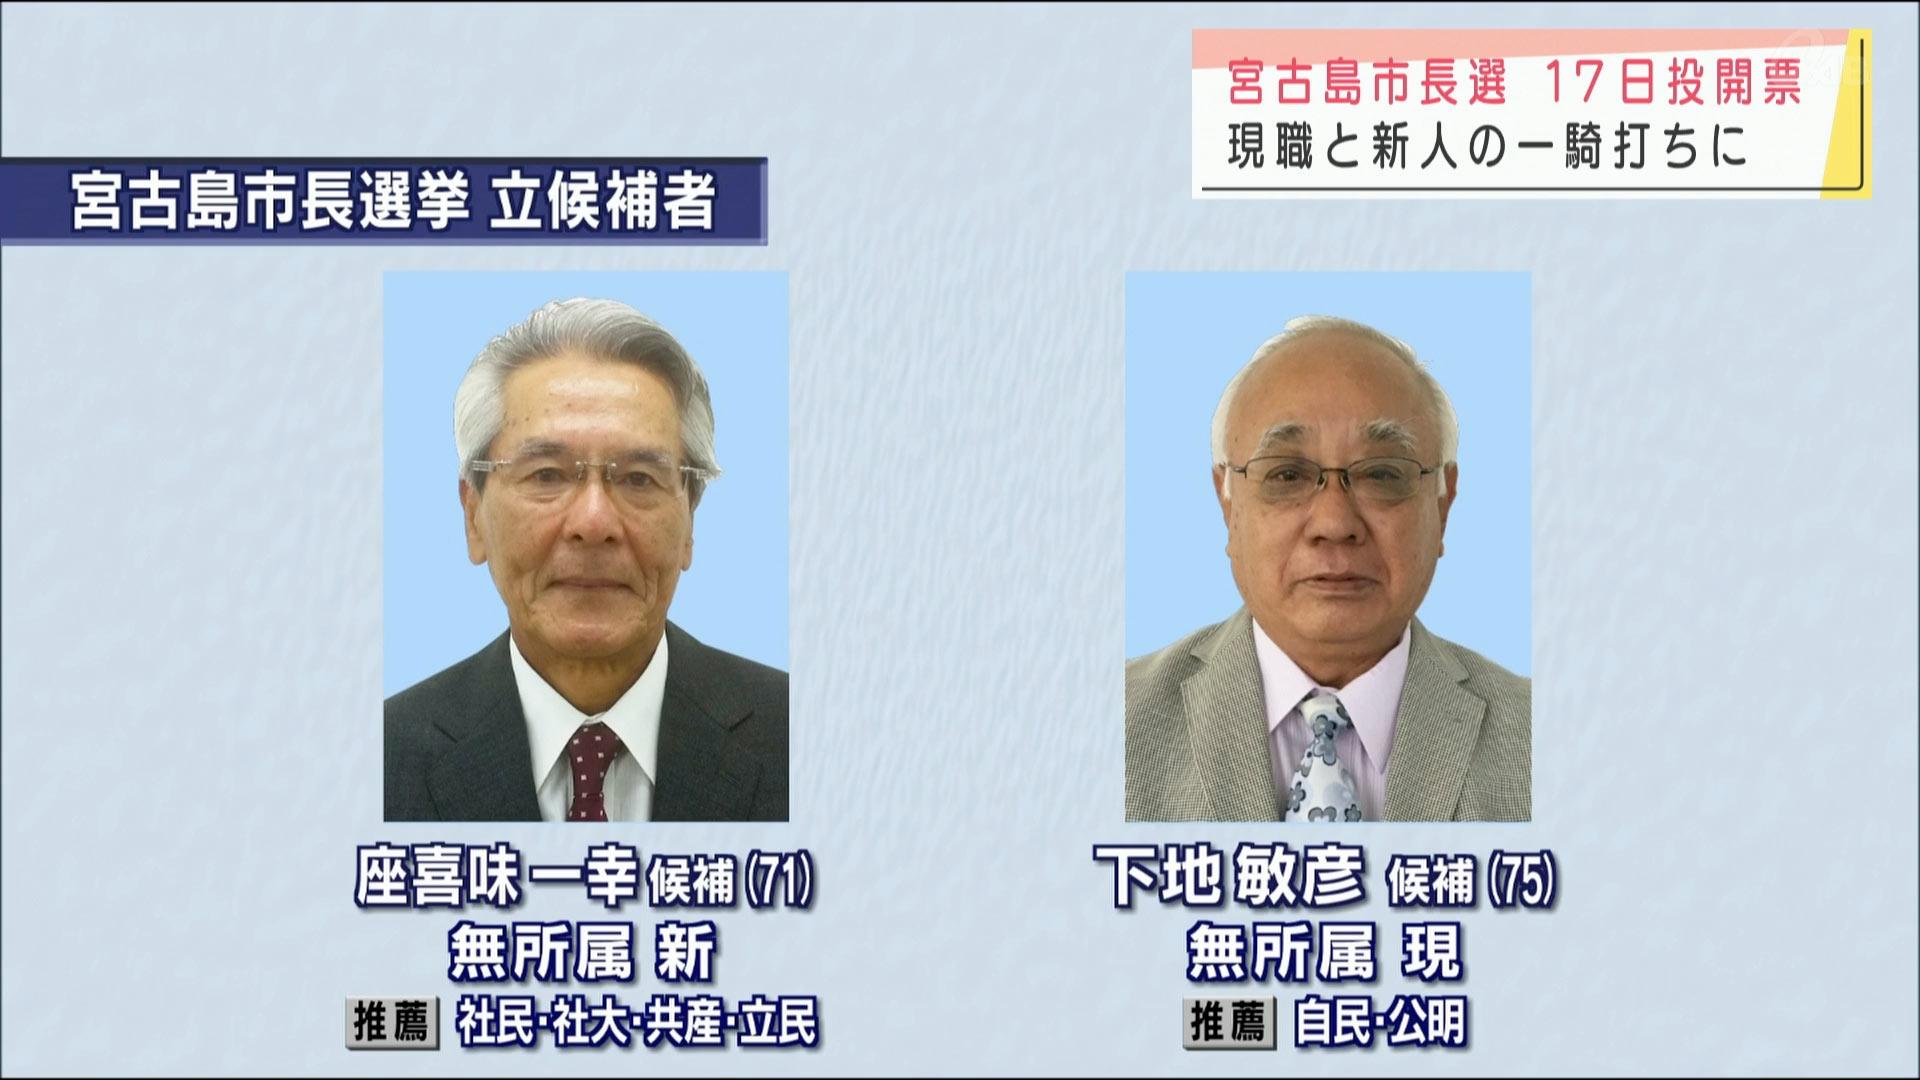 宮古島市長選挙告示 現職と新人一騎打ち